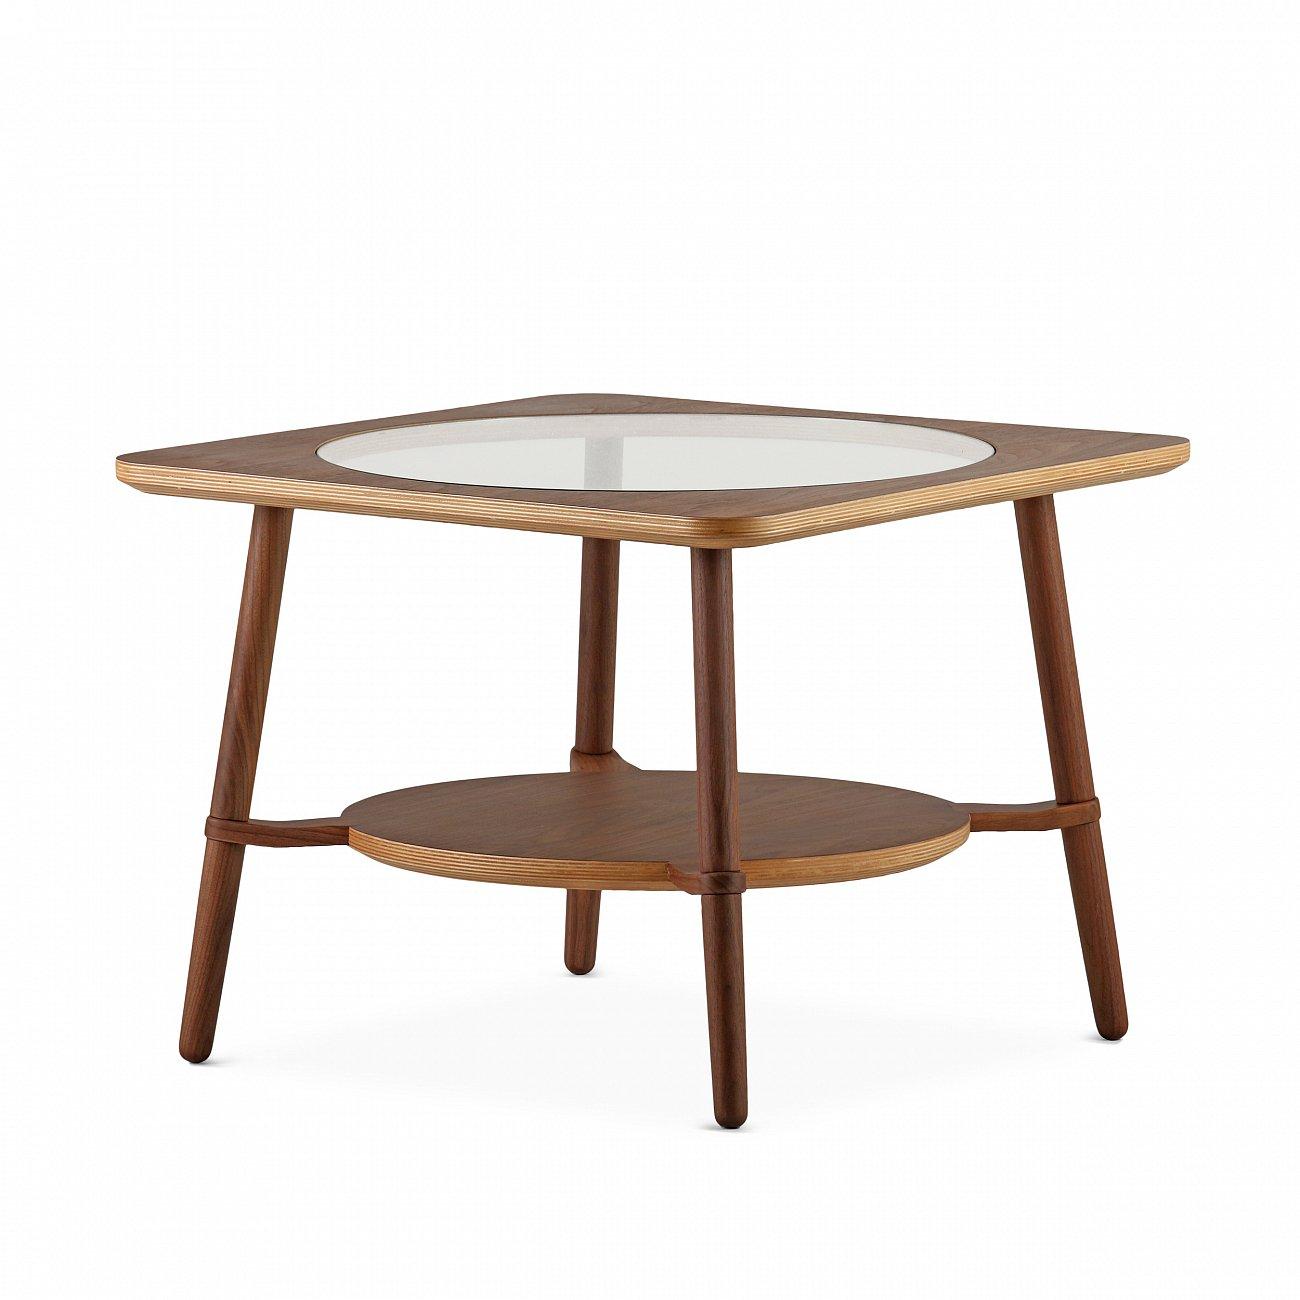 Купить Кофейный стол Cutout тёмно-коричневый в интернет магазине дизайнерской мебели и аксессуаров для дома и дачи